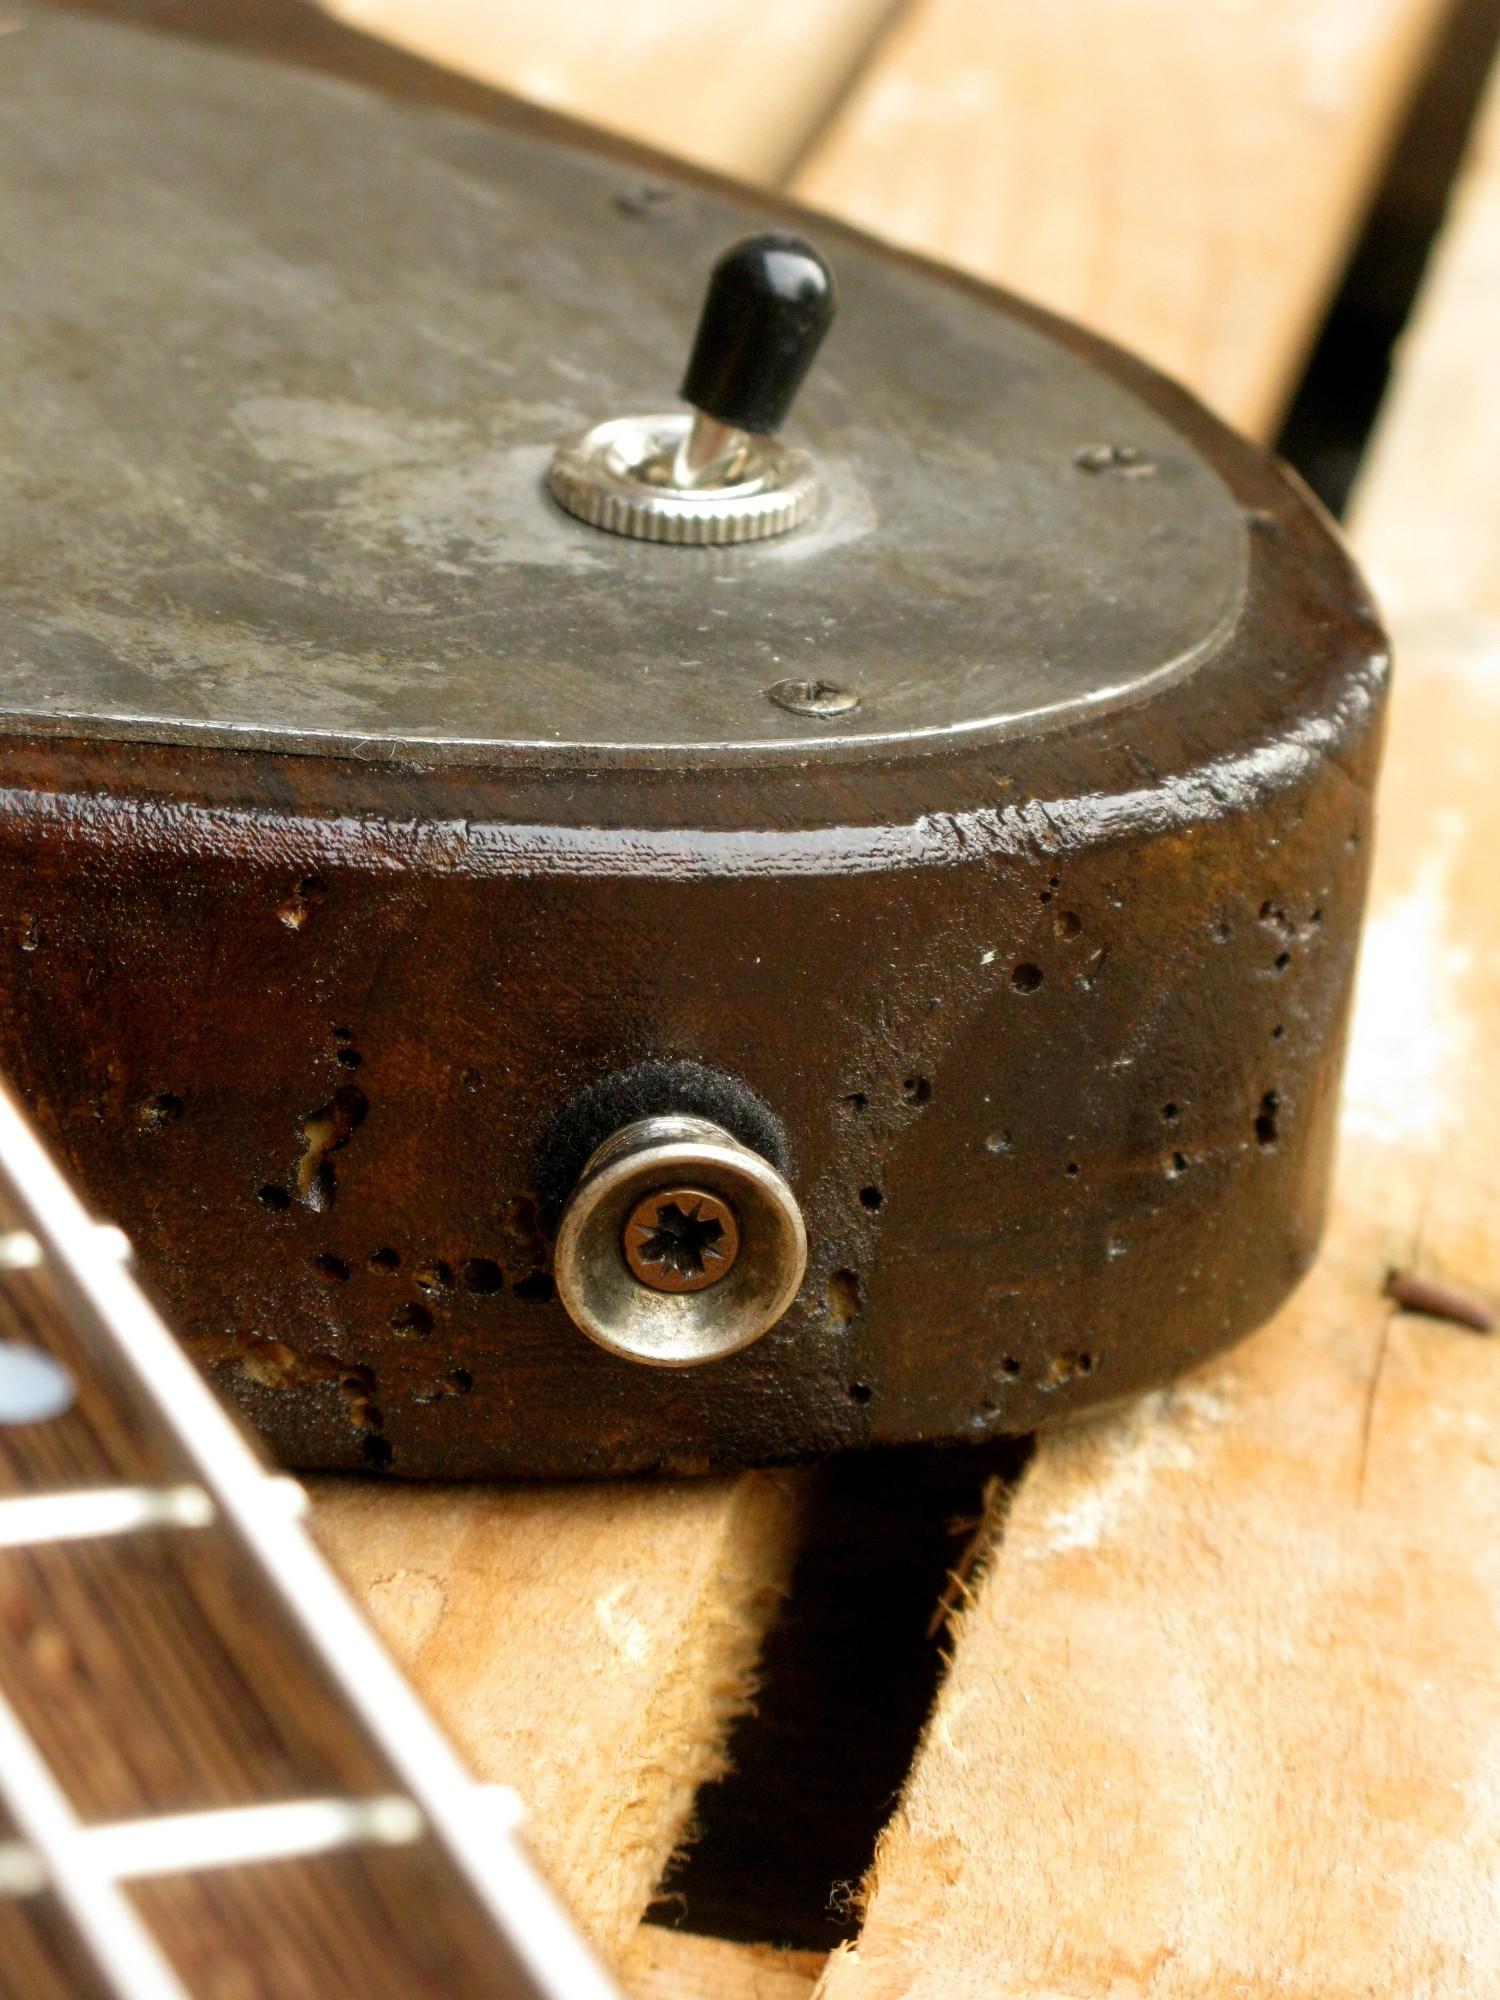 Dettaglio del body di un basso Telecaster in pioppo